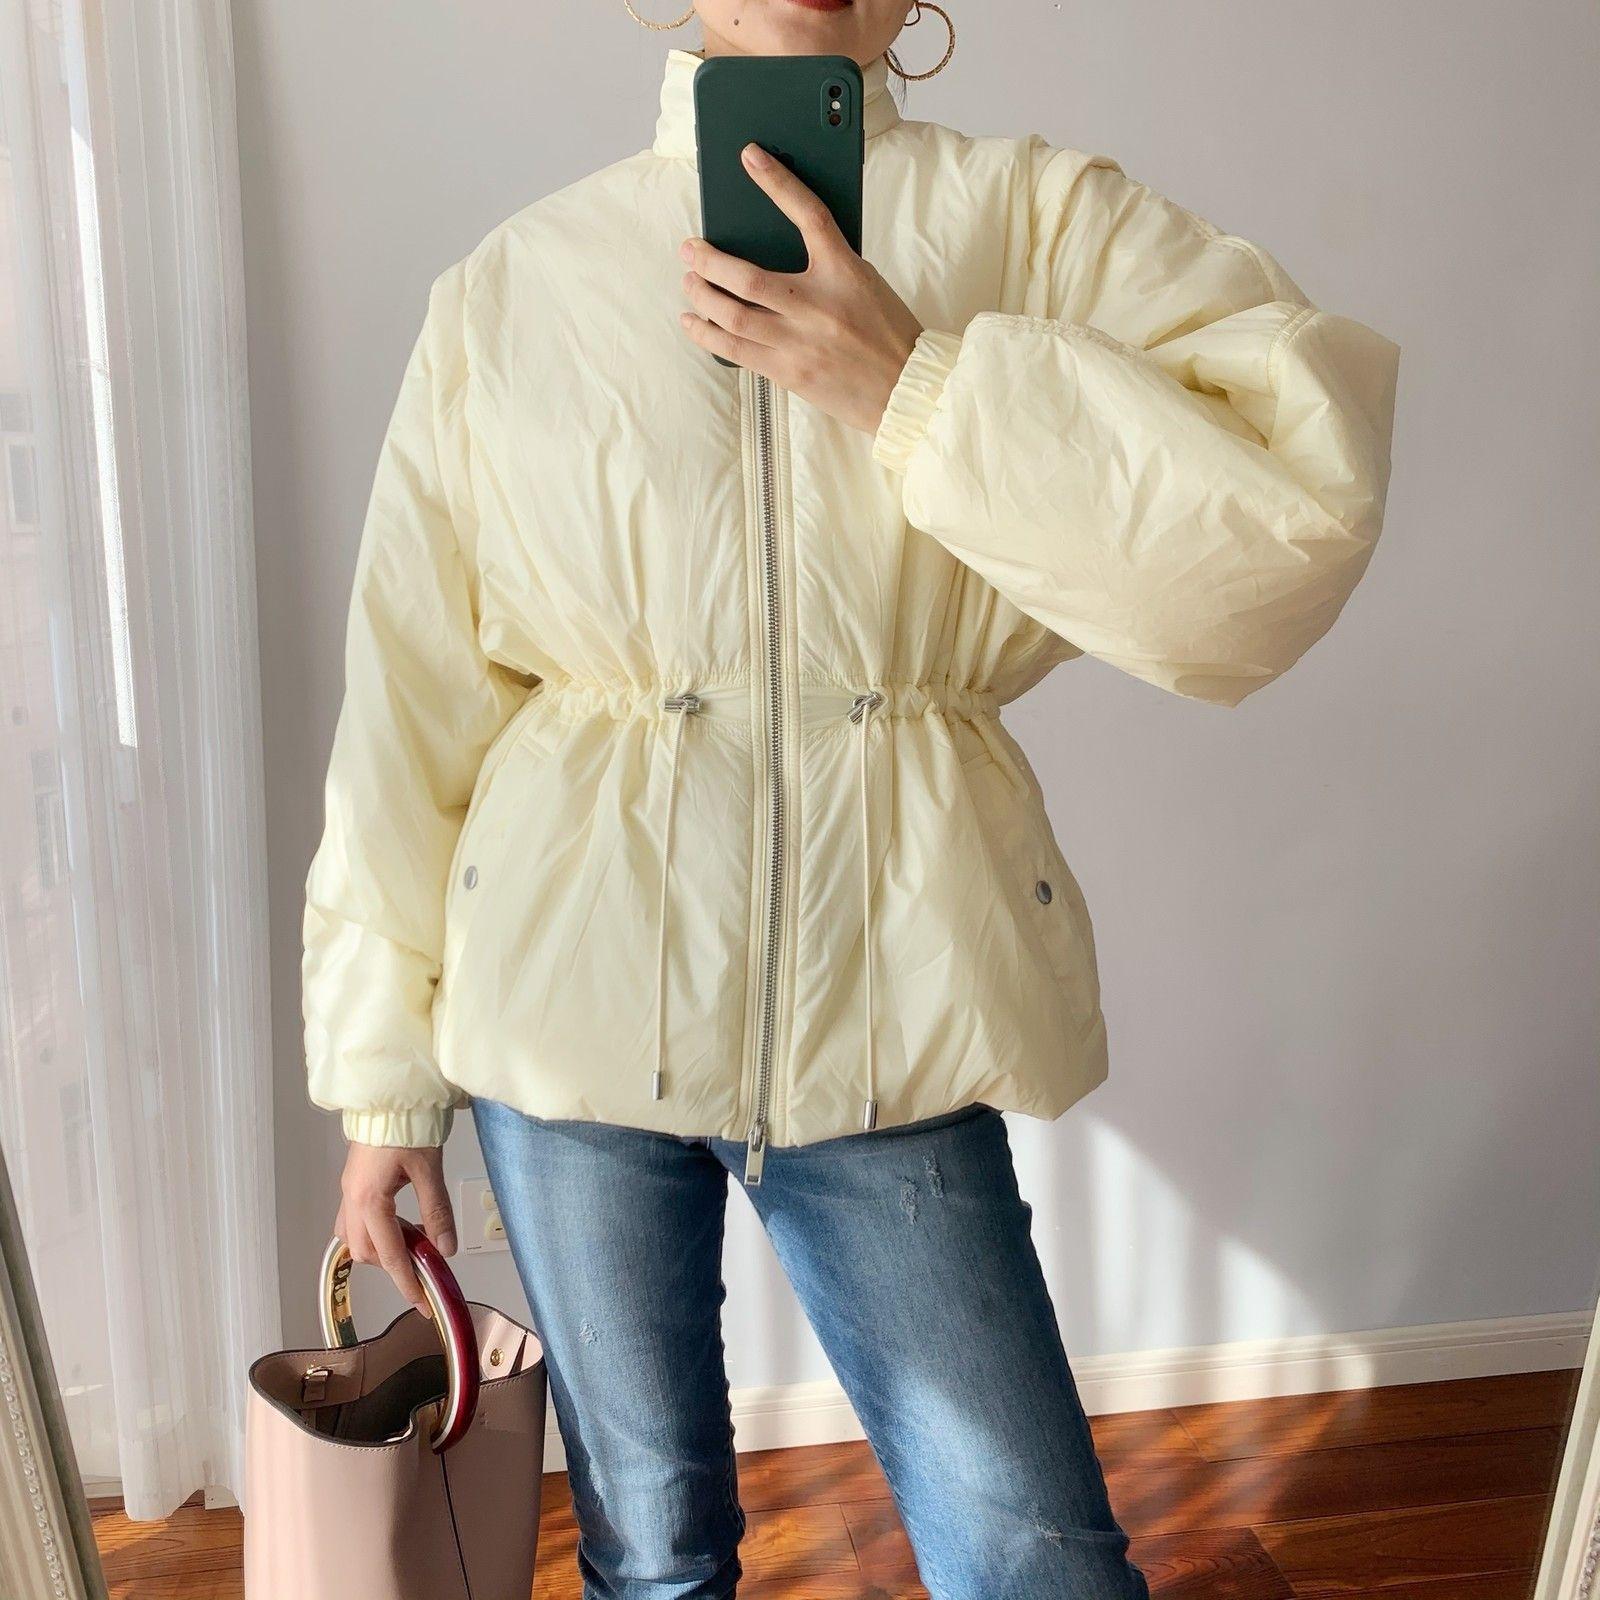 Veste à glissière pour femmes manches détachables deux usure de manteau à manches longues manteau collier neuf 2021 q0119